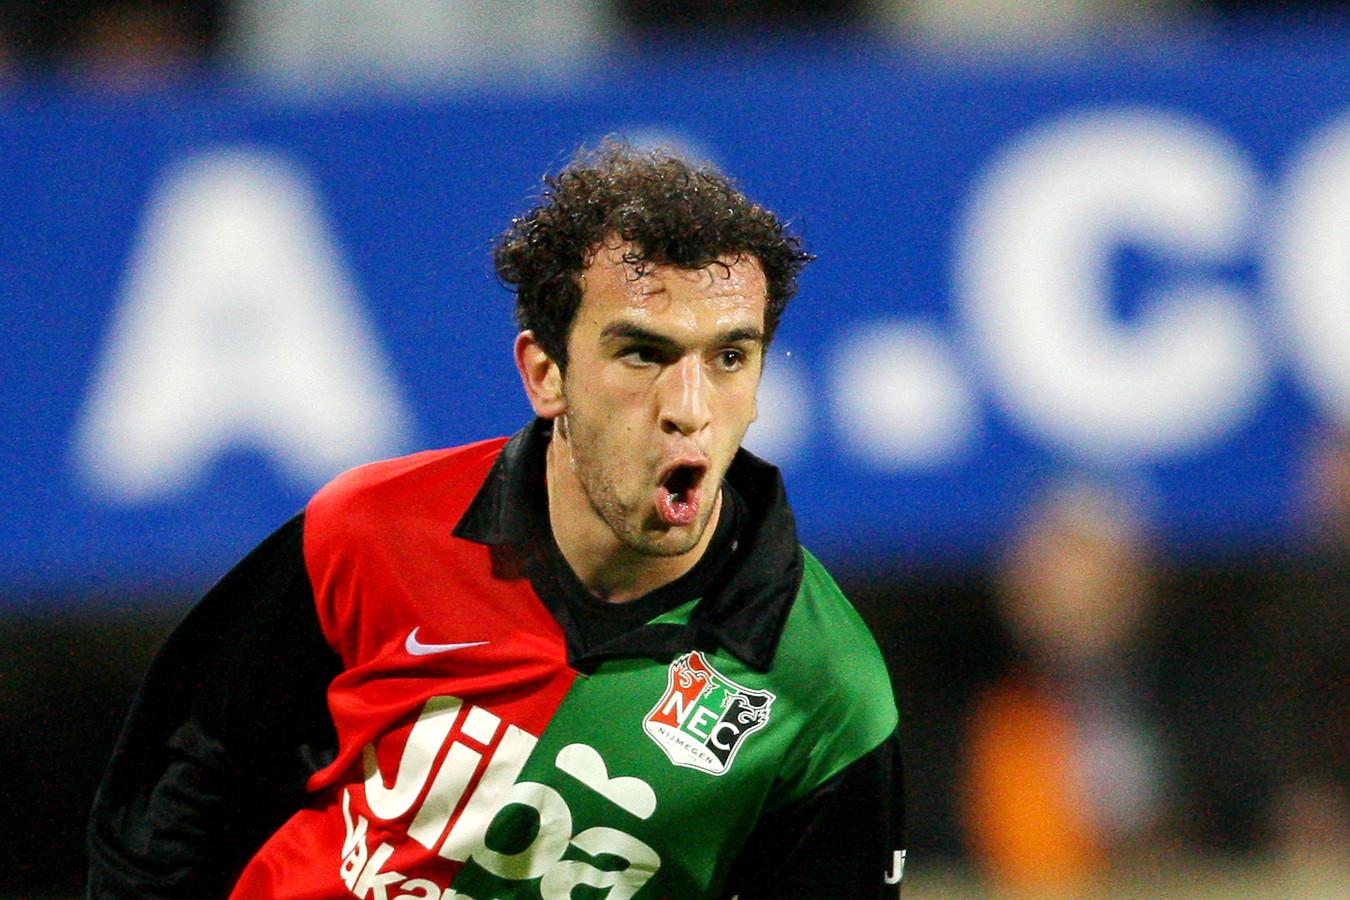 Muslu Nalbantoglu na zijn doelpunt tegen Heracles Almelo in het seizoen 2007 - 2008. Zijn enige in 125 wedstrijden voor NEC.